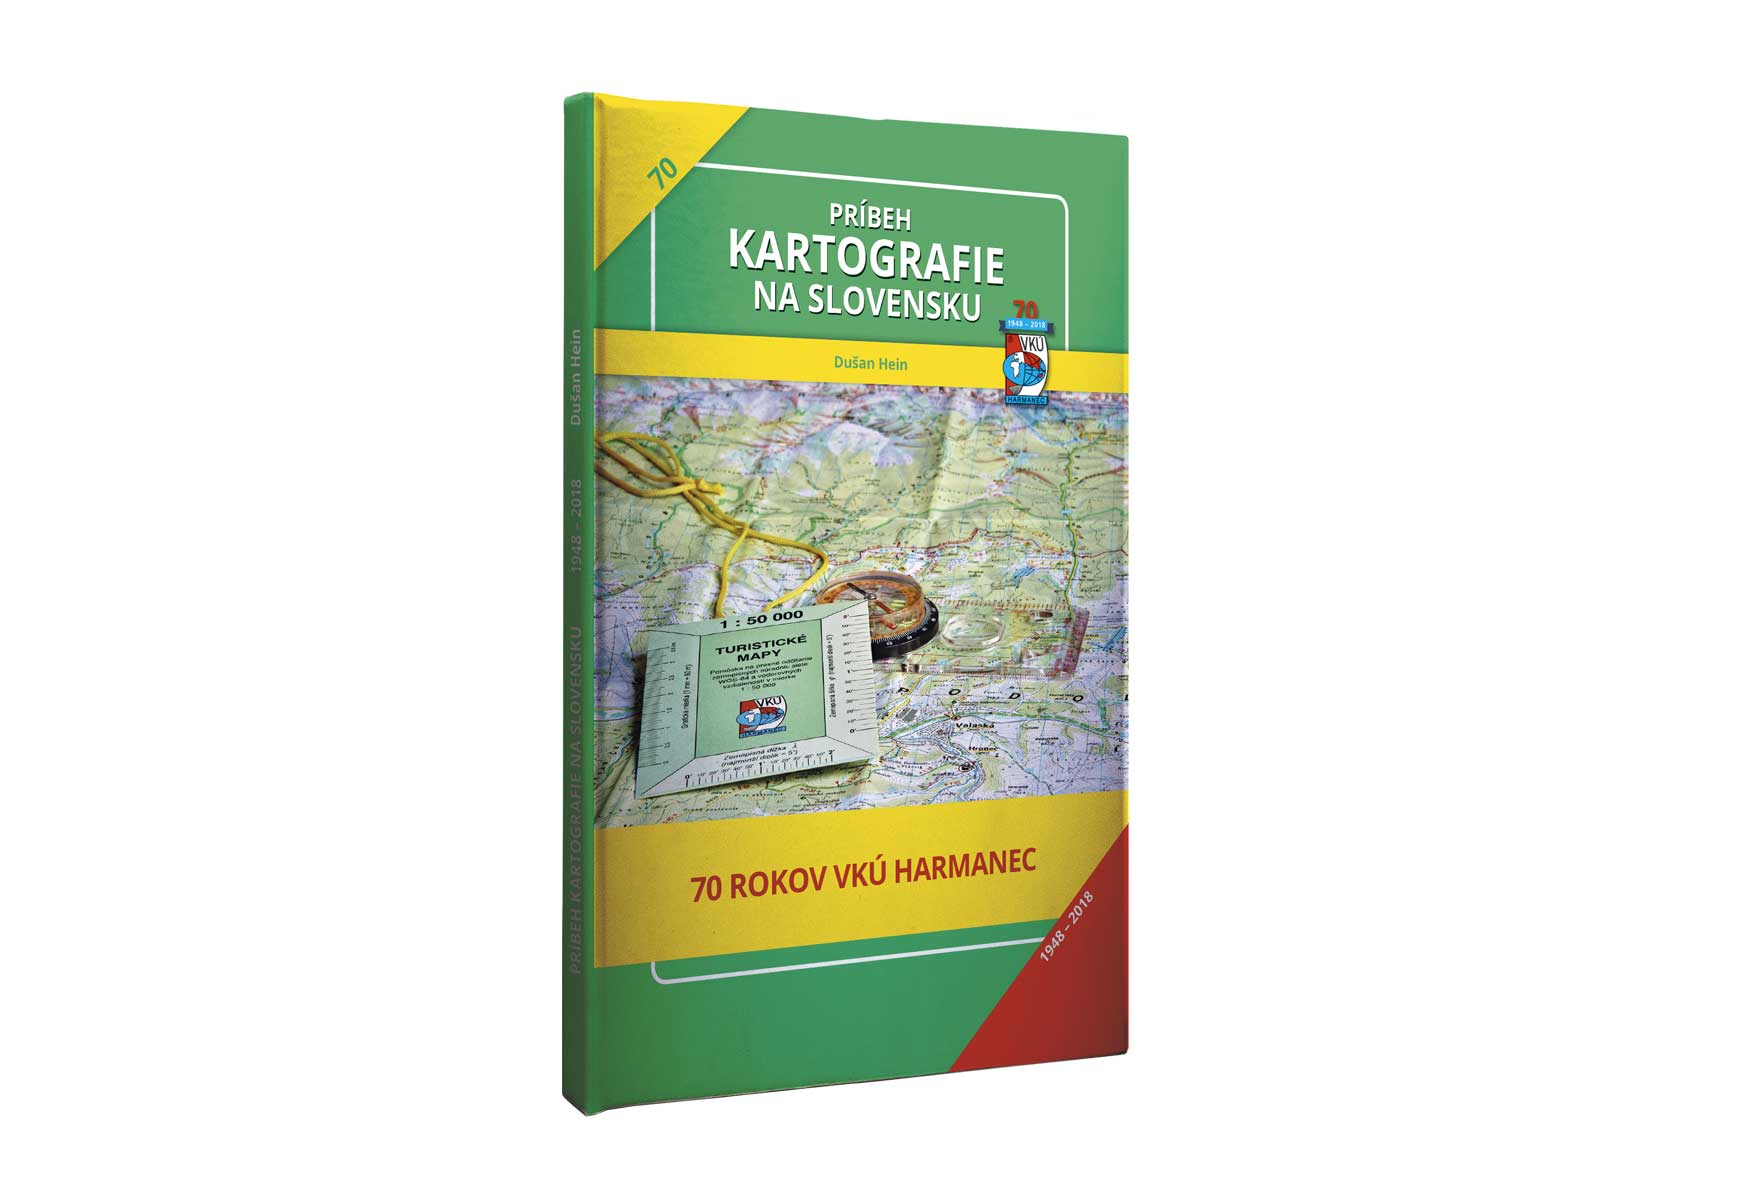 Kniha Príbeh kartografie na SLovensku